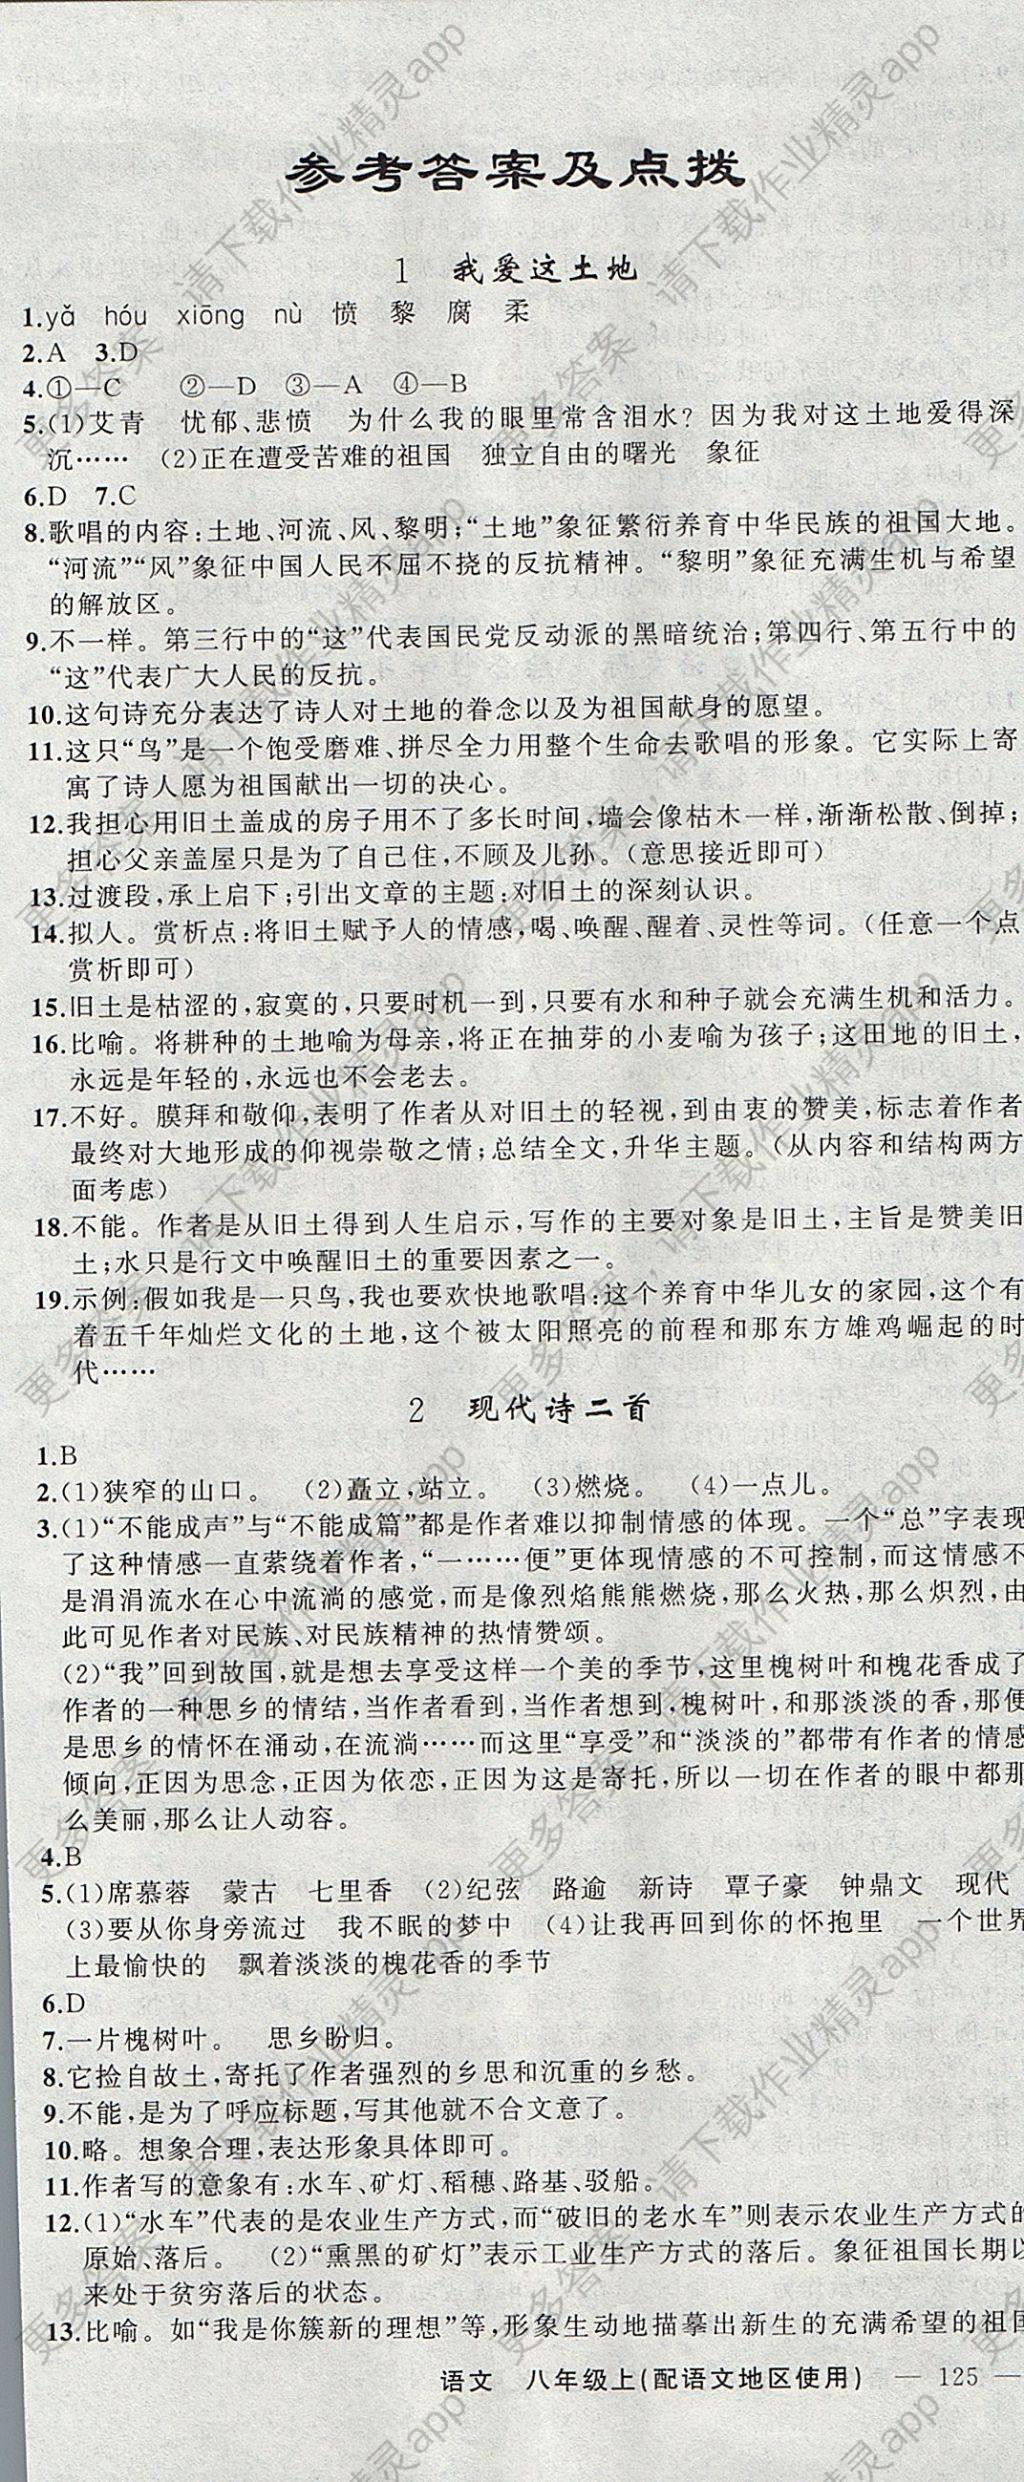 2017年黄冈金牌之路练闯考八年级语文上册语文版 参考答案